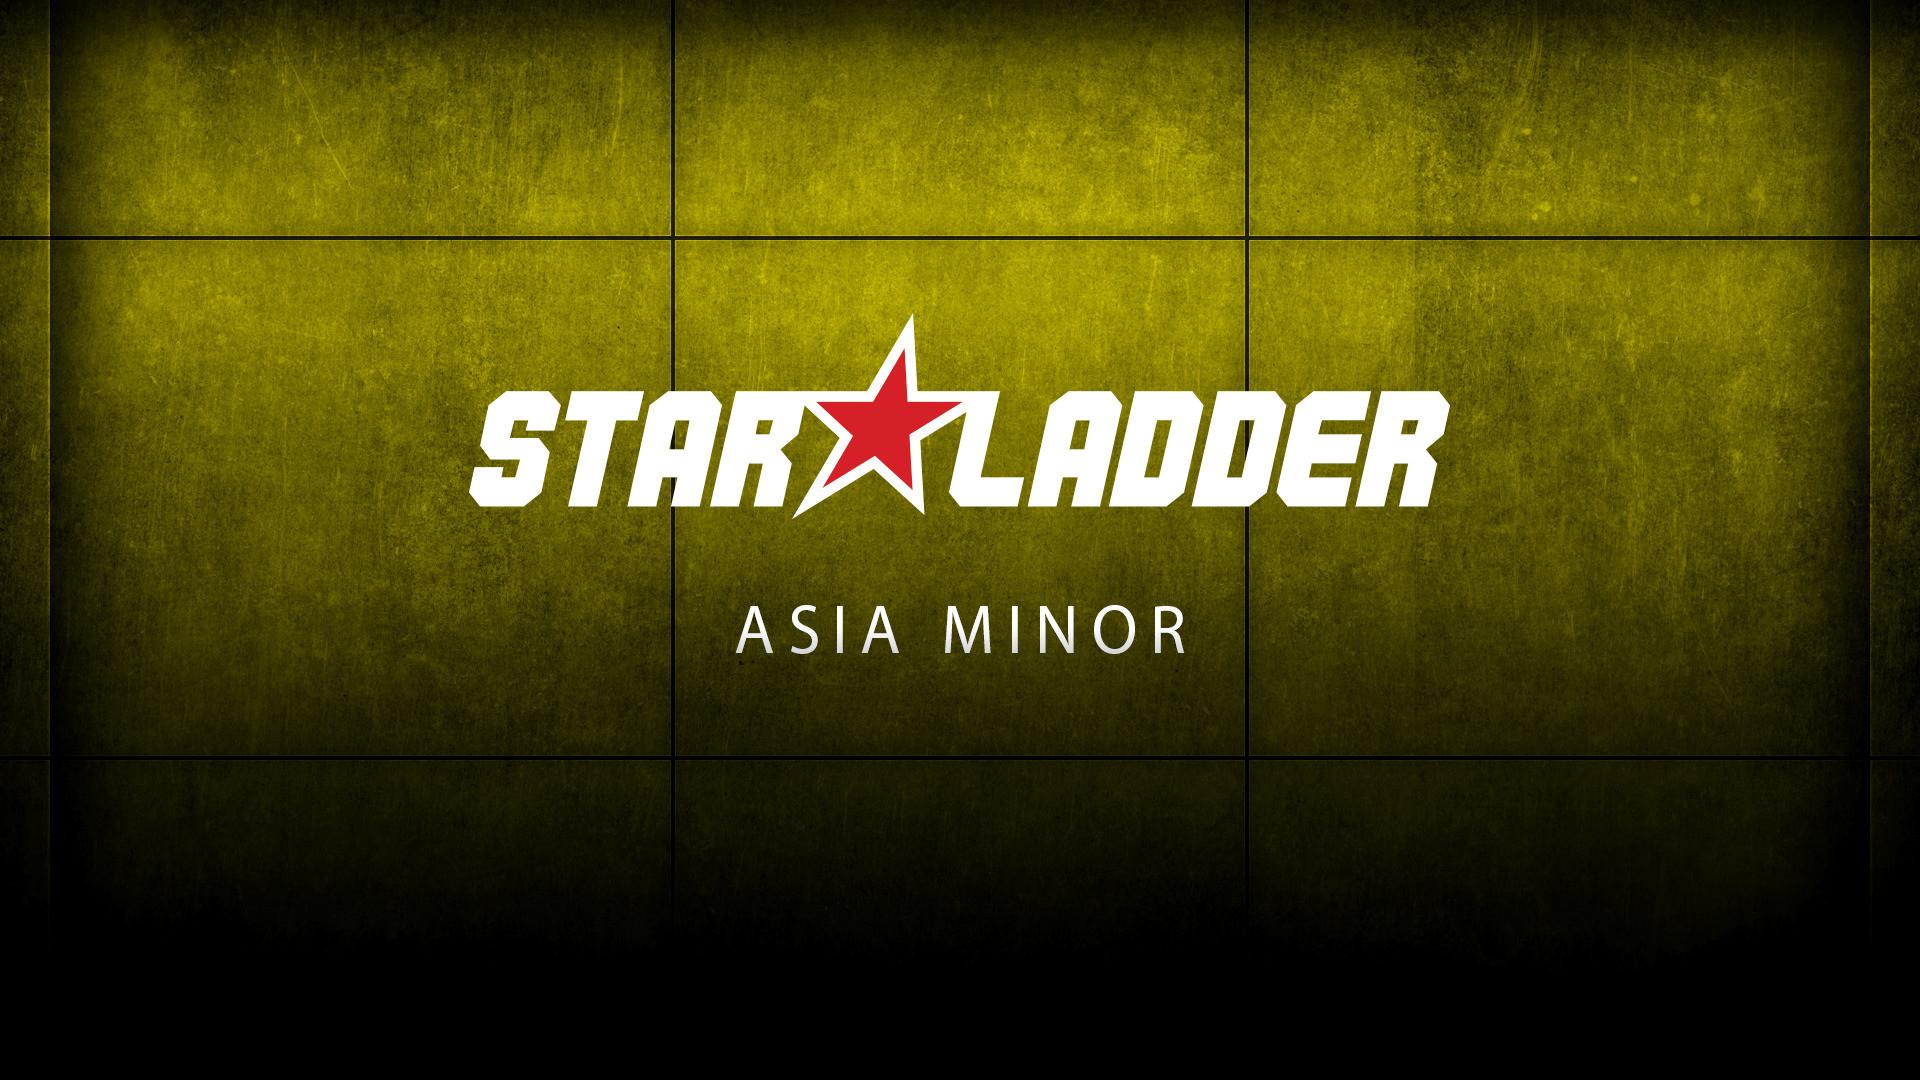 Starladder Minor Asia : La preview